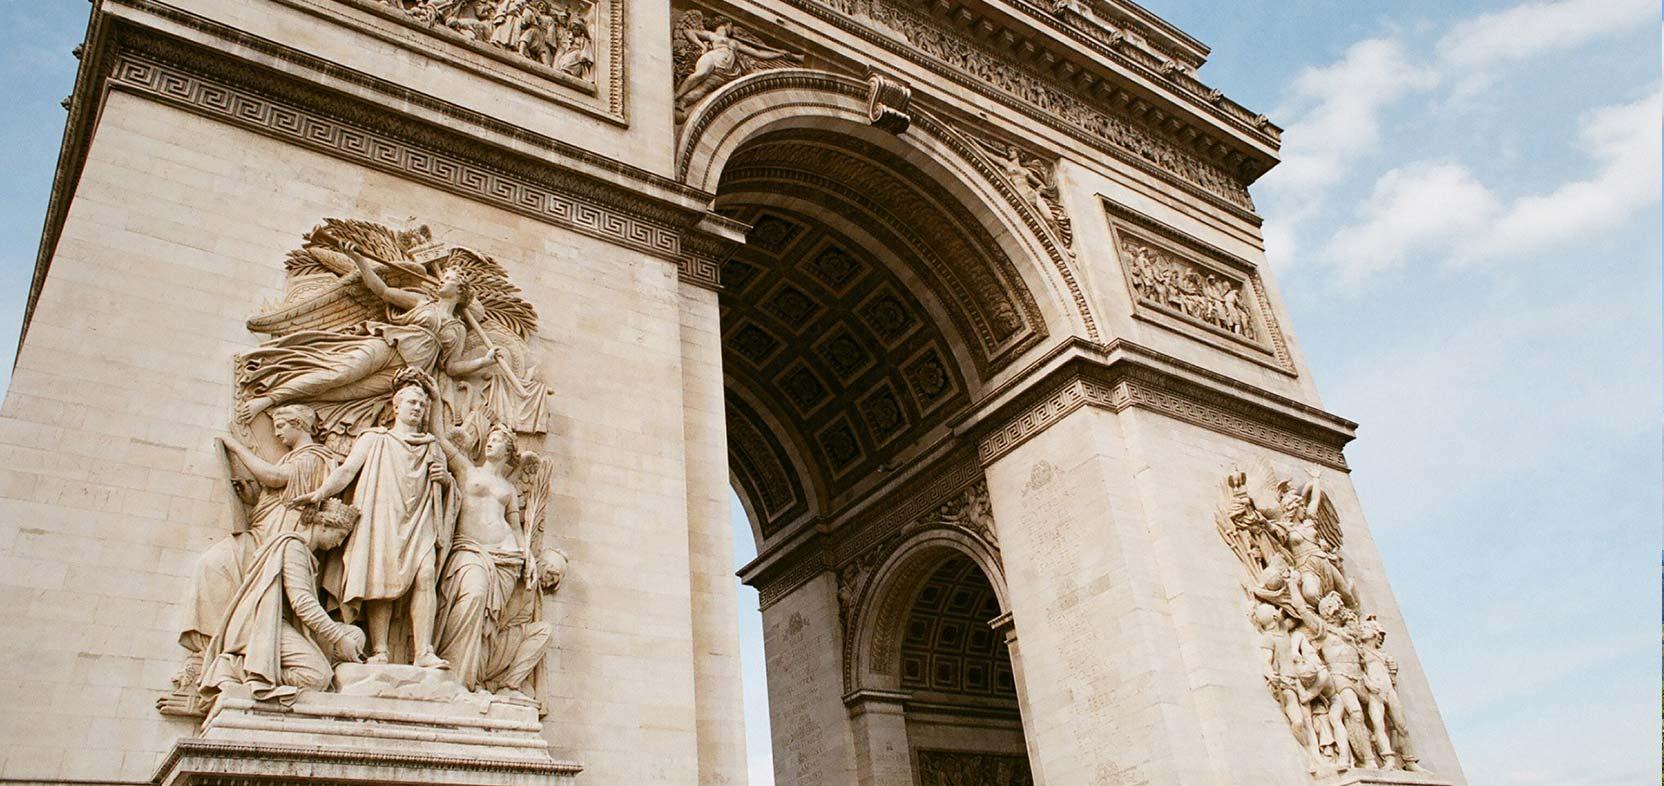 縱覽法國,深思近代思想文化的濫觴